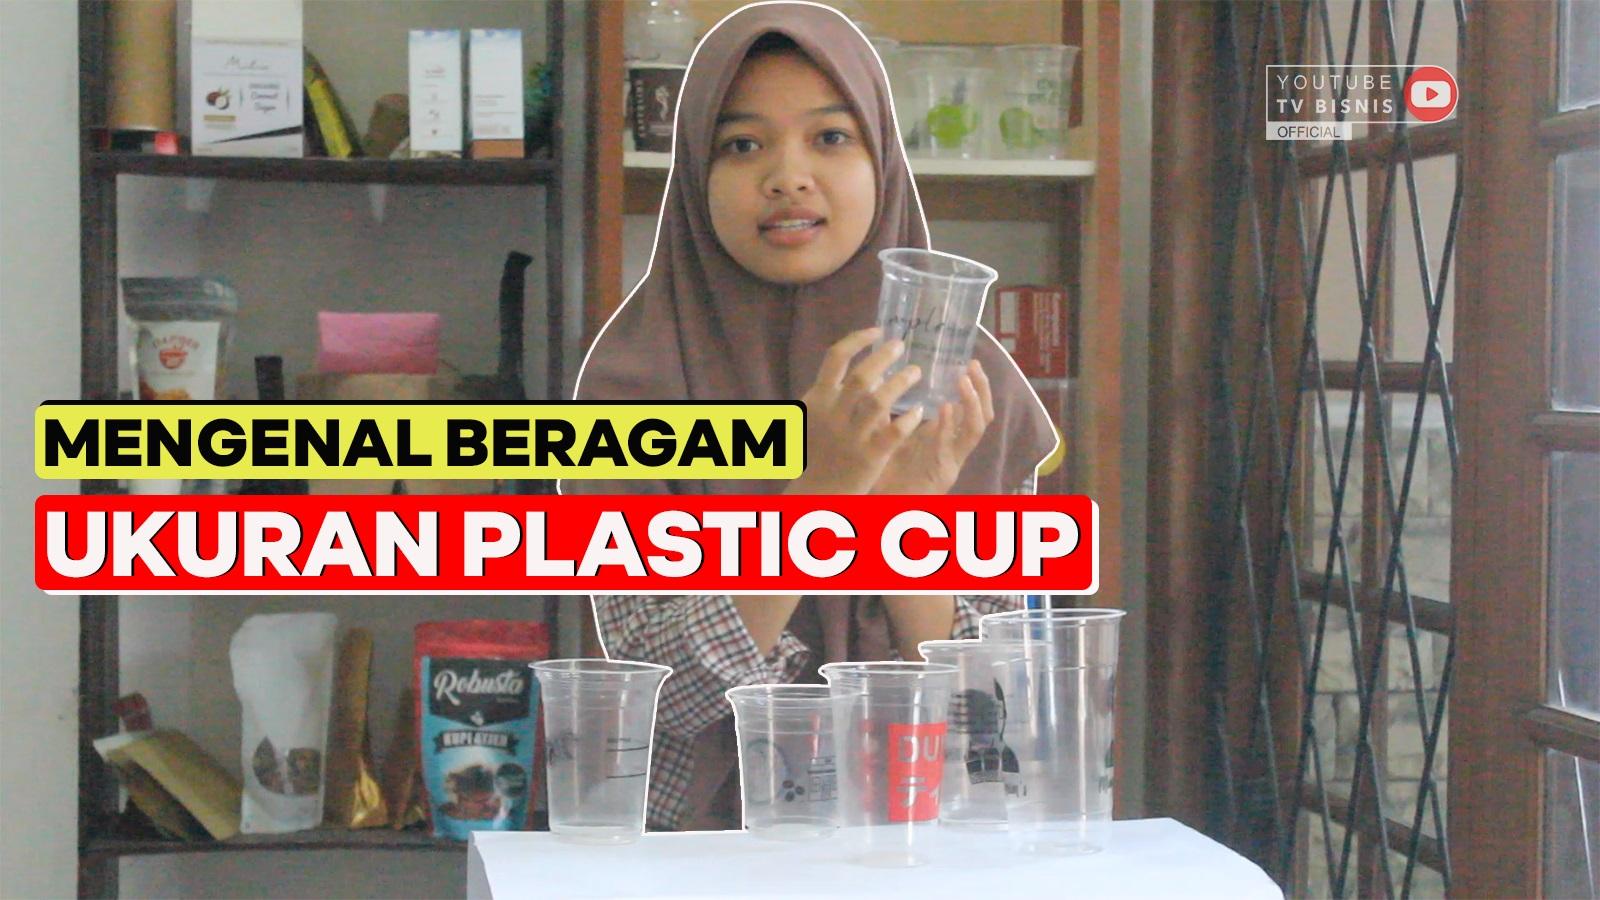 mengenal-beragam-ukuran-plastik-cup